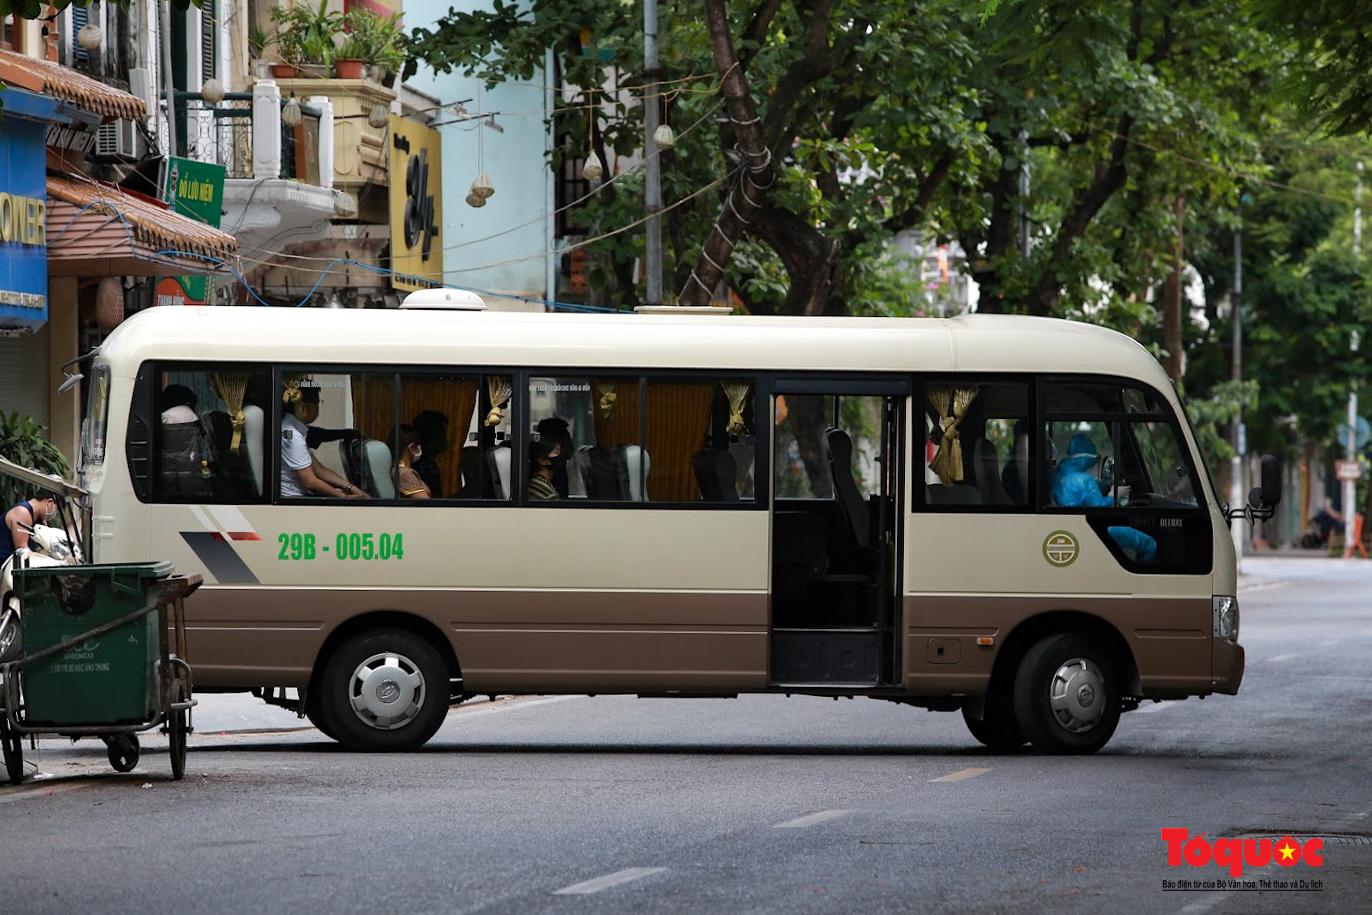 Hà Nội: Phong tỏa 2 phường Văn Miếu, Văn Chương, người dân xếp hàng tiếp tế cho khu cách ly - Ảnh 4.